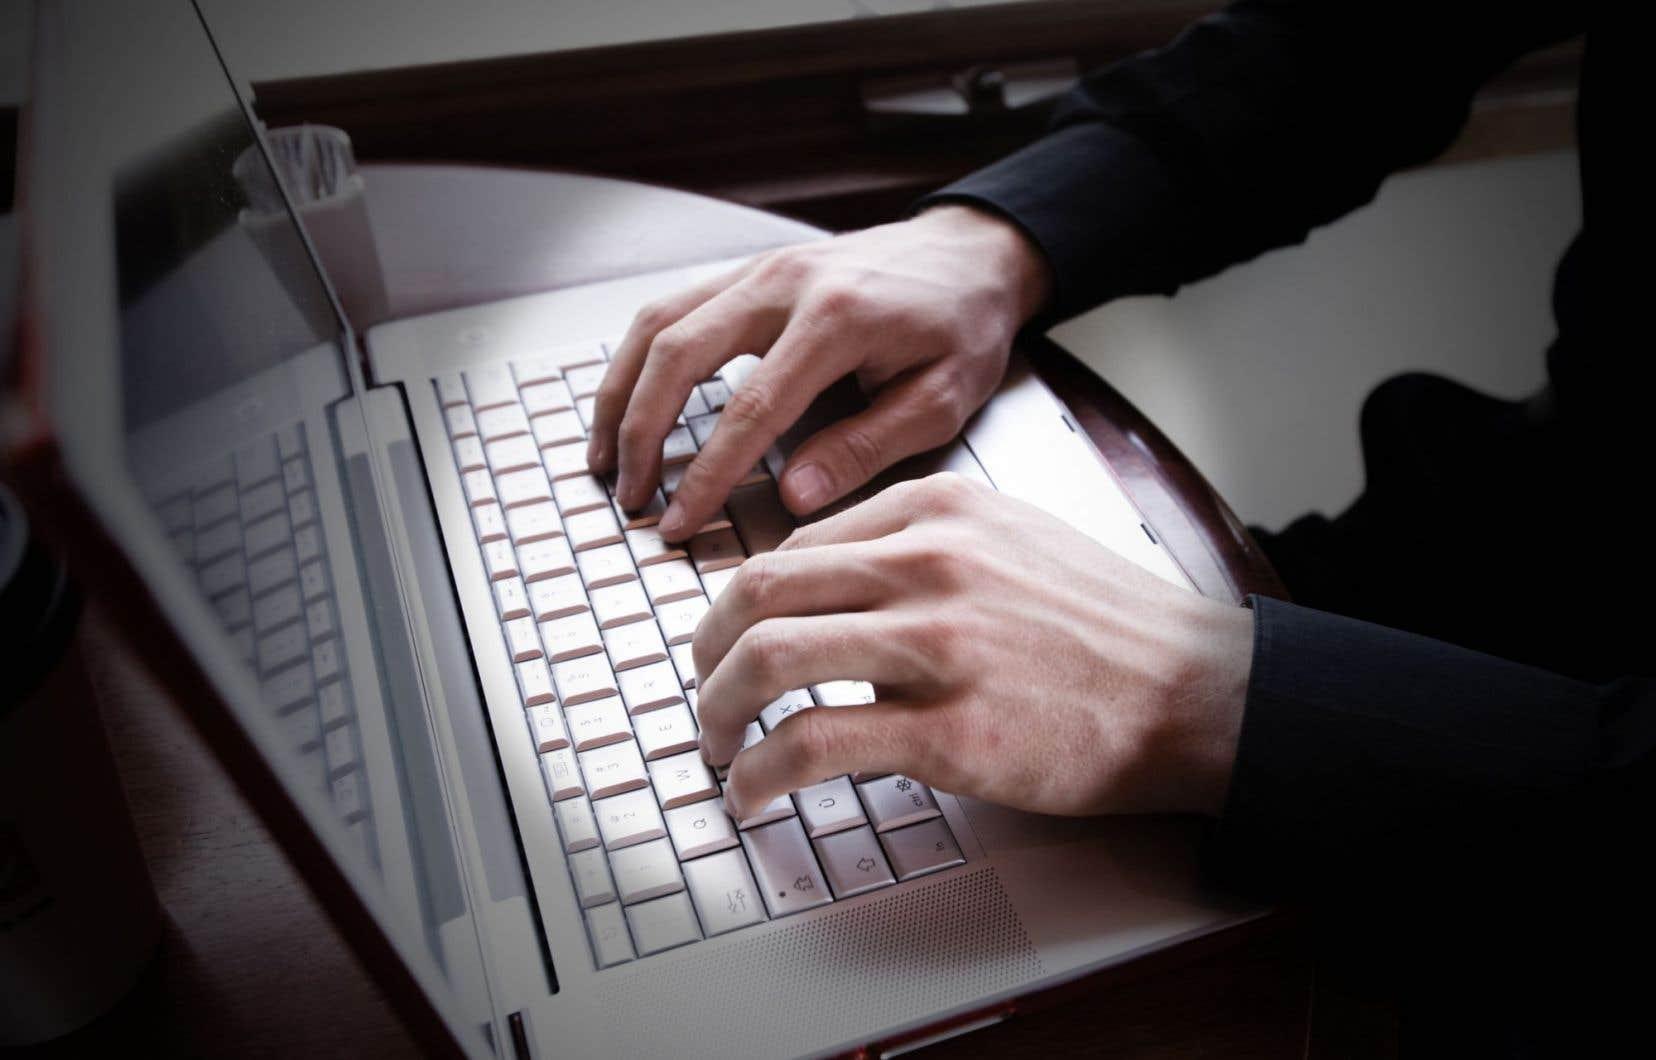 <p>L'interdiction des appareils électroniques plus gros que des téléphones intelligents serait liée à une menace provenant du groupe al-Qaïda.</p>